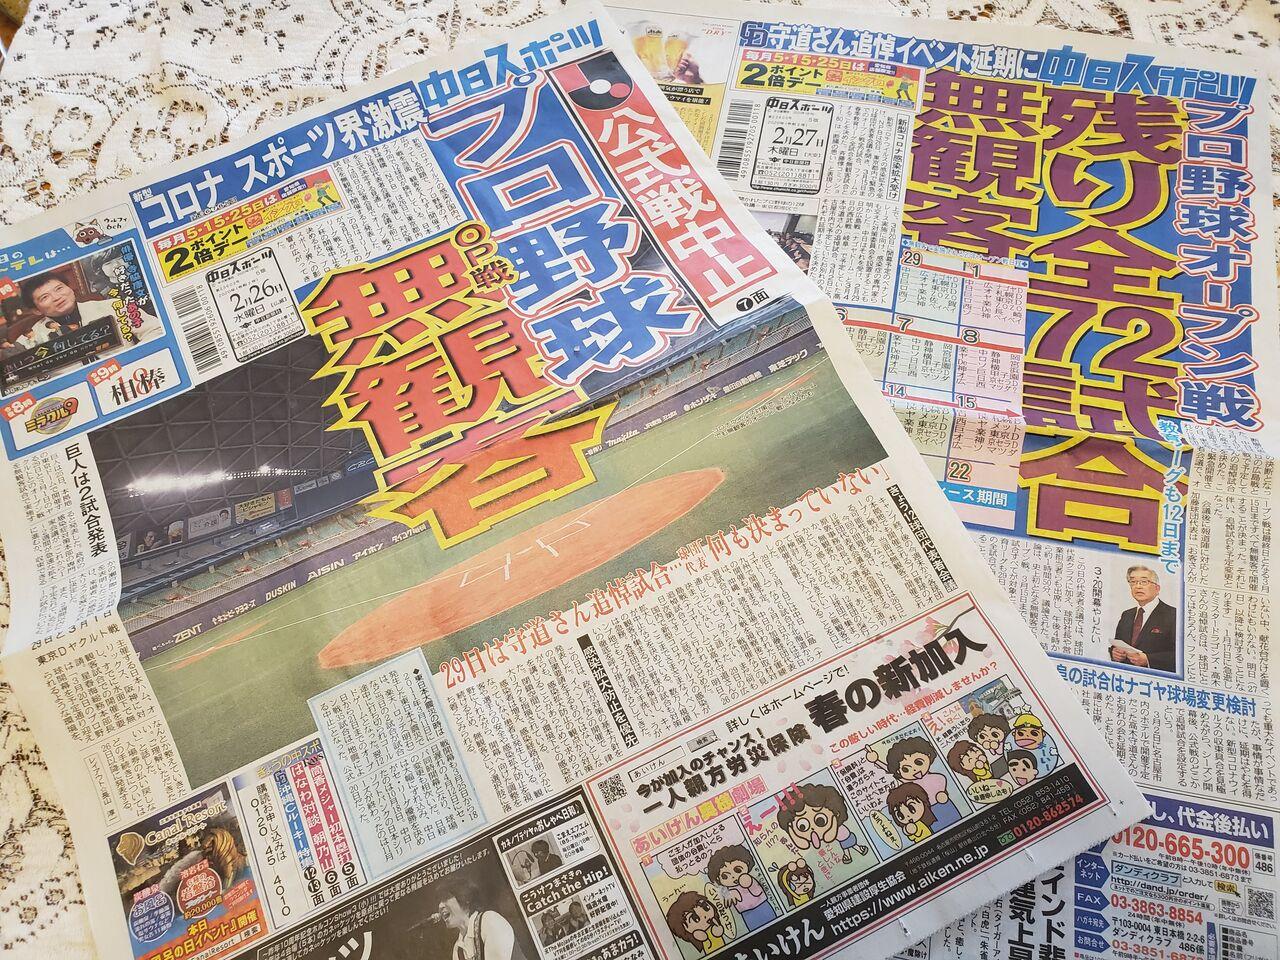 プロ野球の無観客試合を報じた中日スポーツ